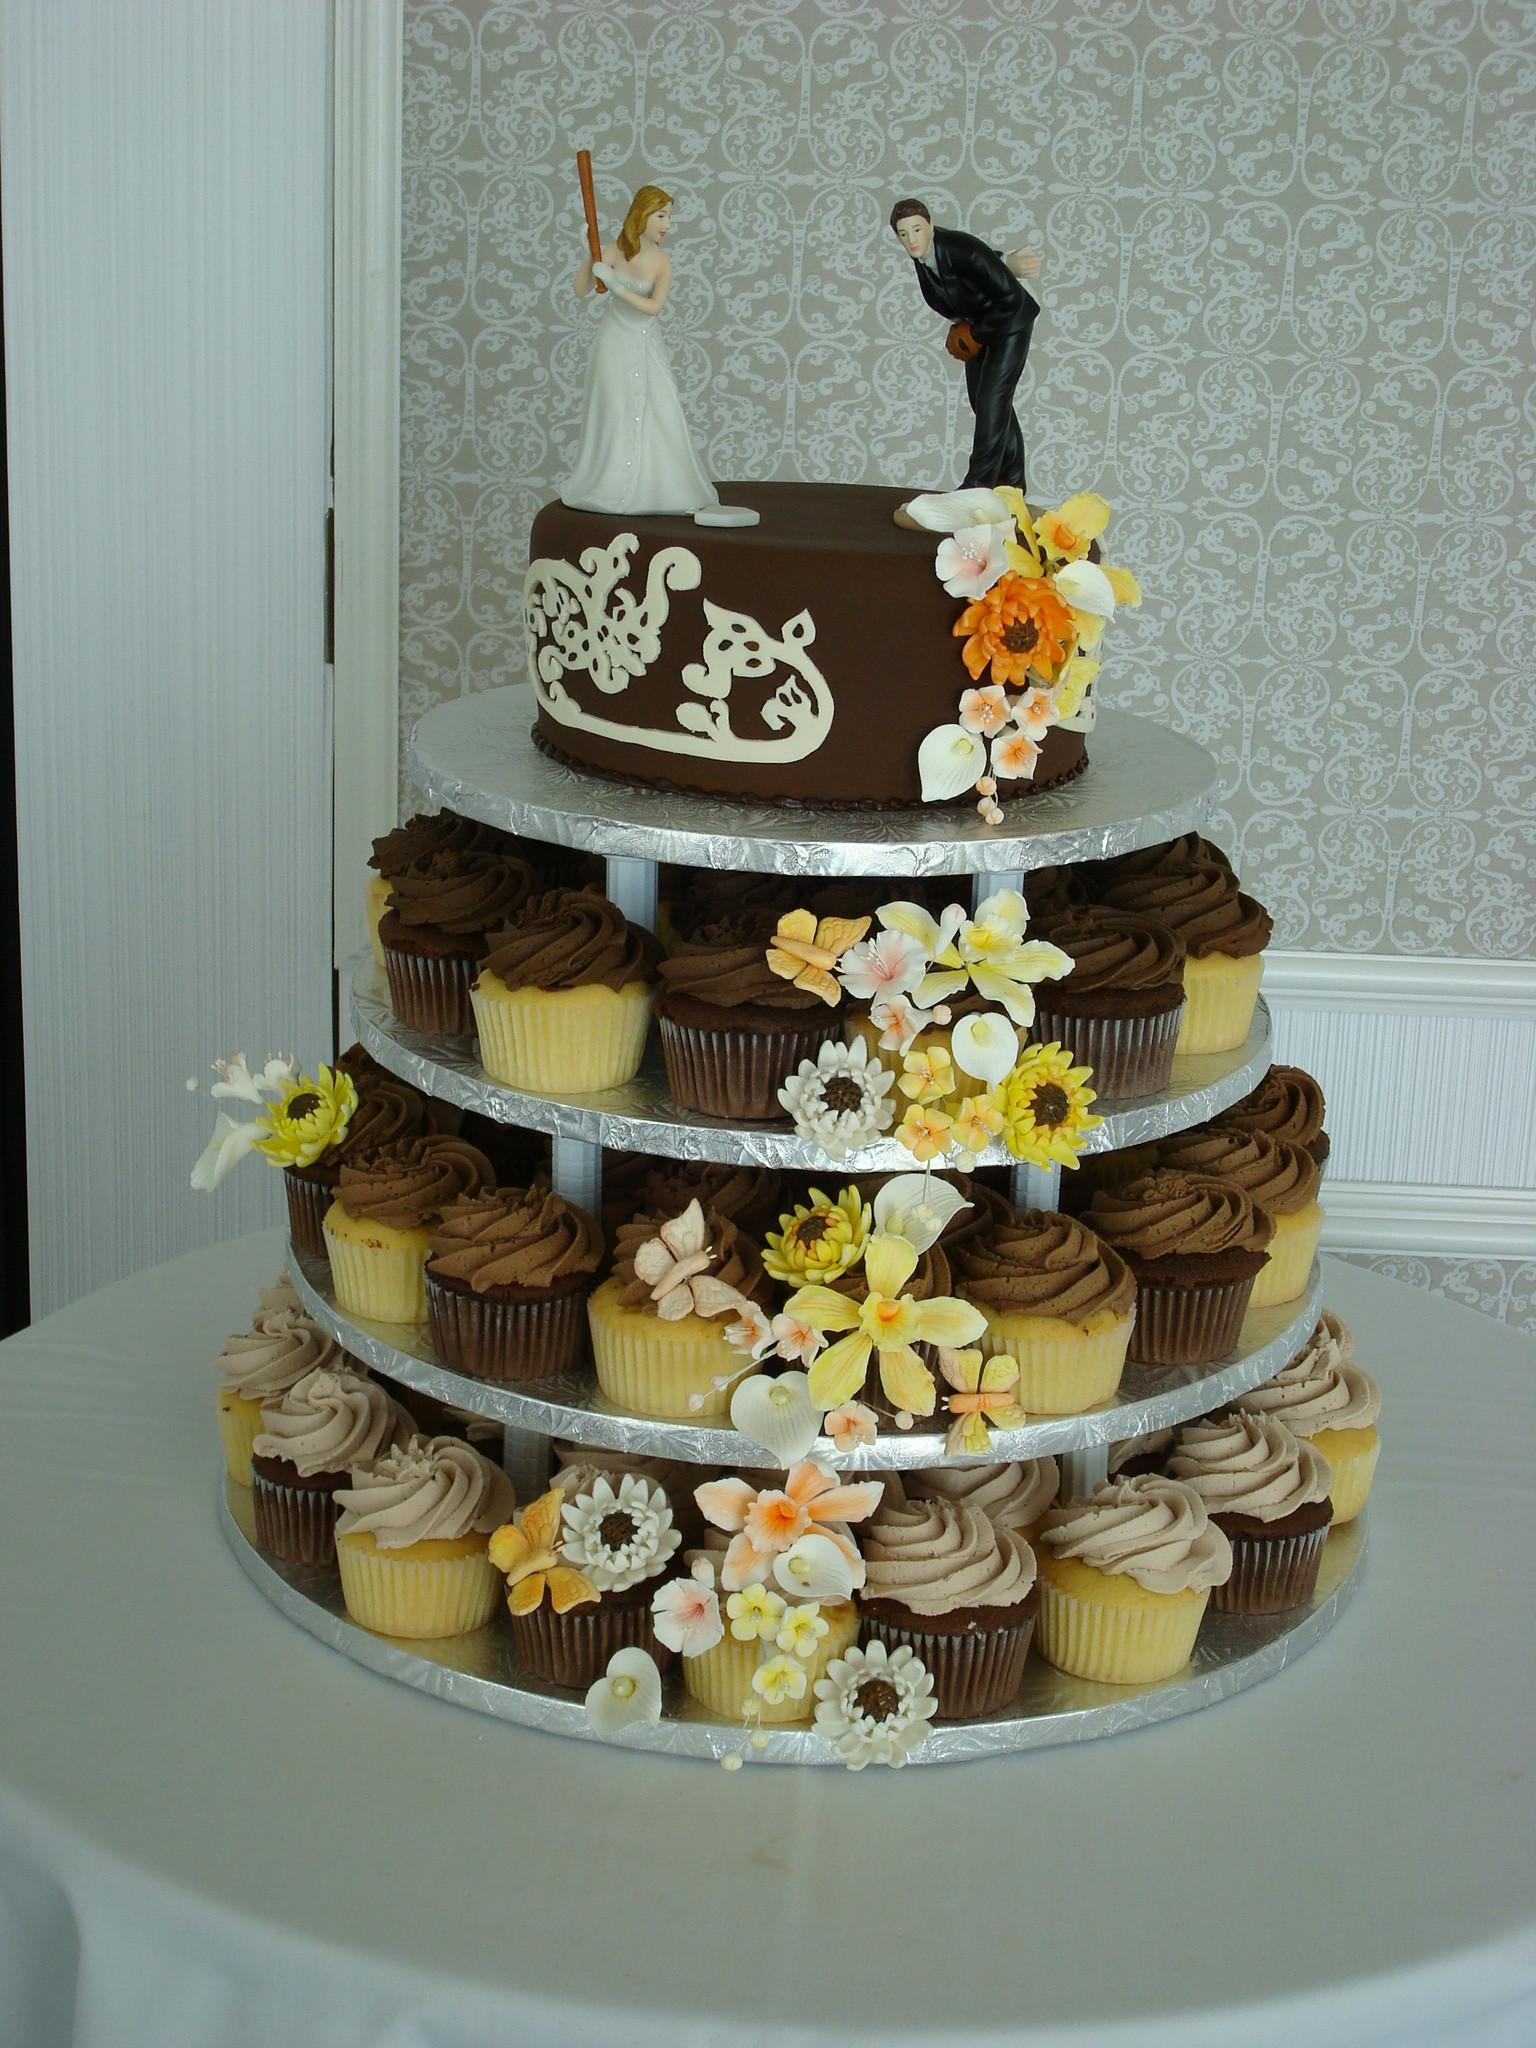 Wedding Cakes With Cupcakes  Cupcake Wedding Cakes